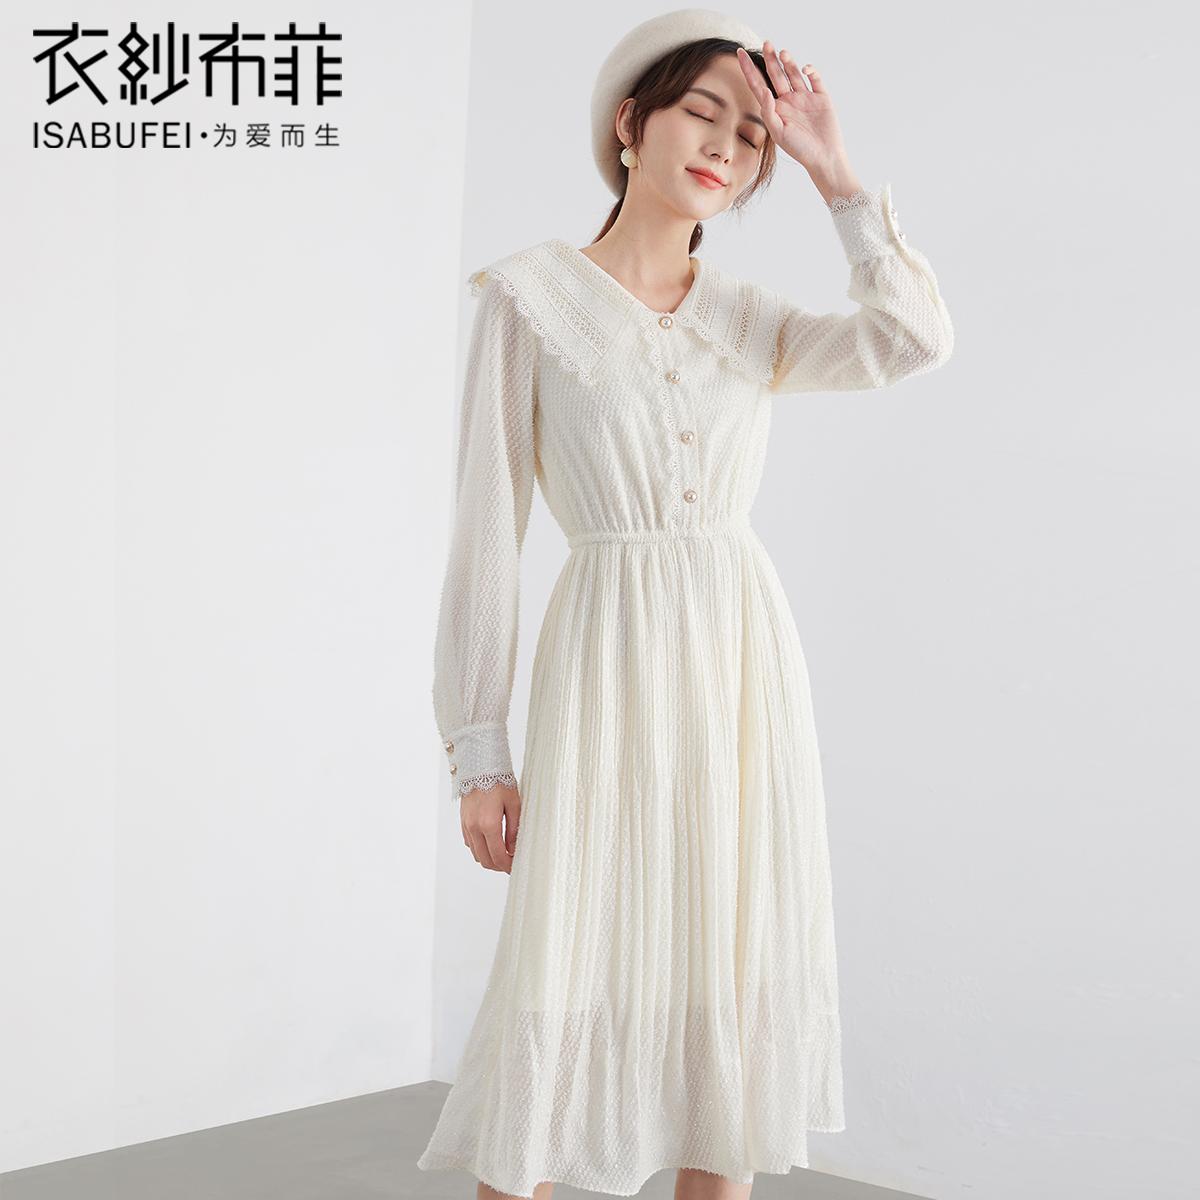 菲甜2019年秋季新款仙气连衣裙女中长款衬衫裙娃娃领甜美雪纺裙子